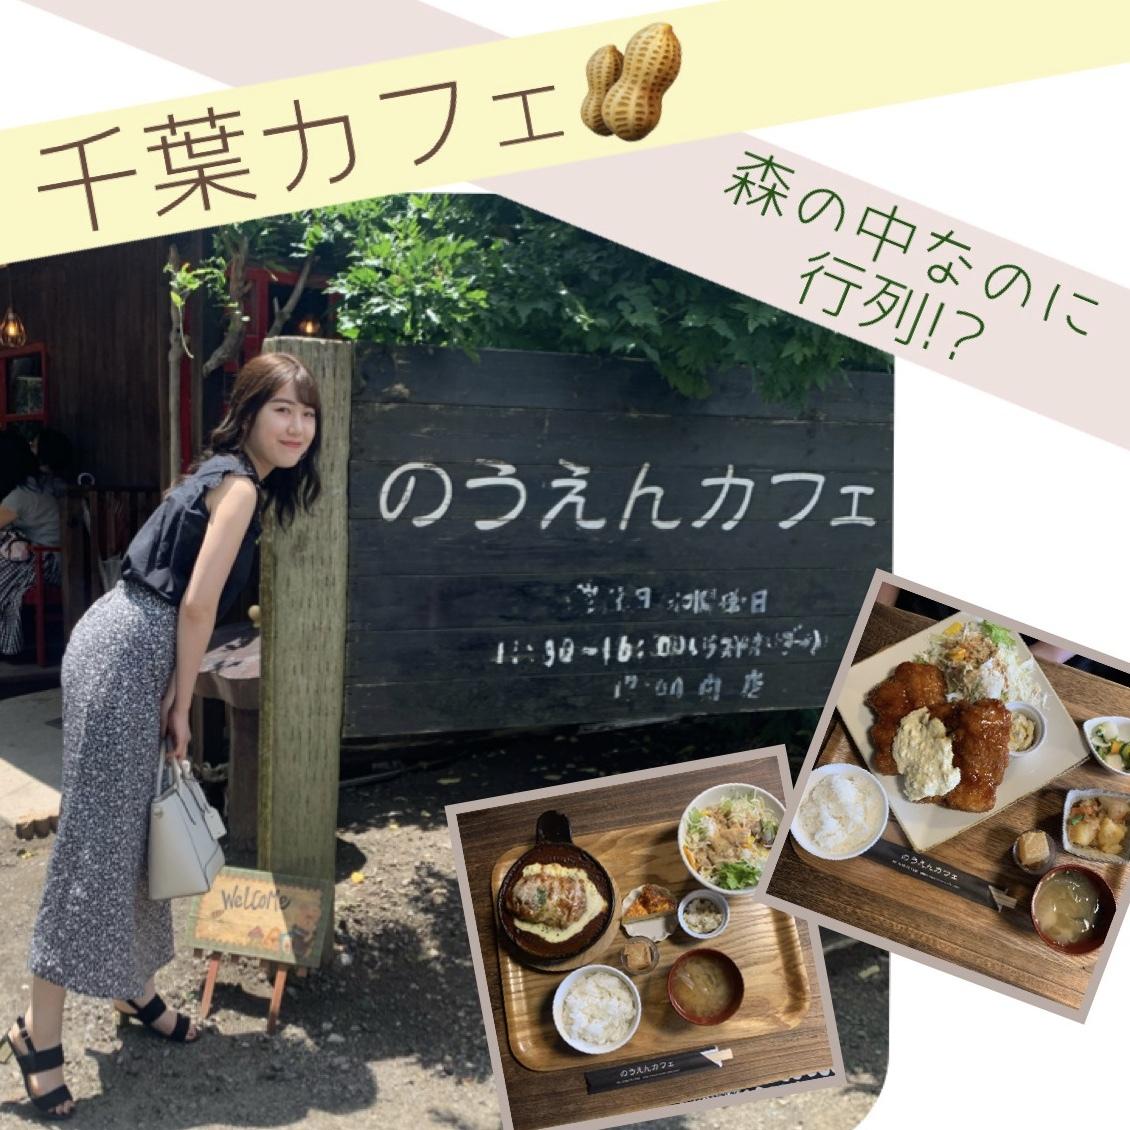 【千葉カフェ】房総来たら行くしかないっぺ!_1_1